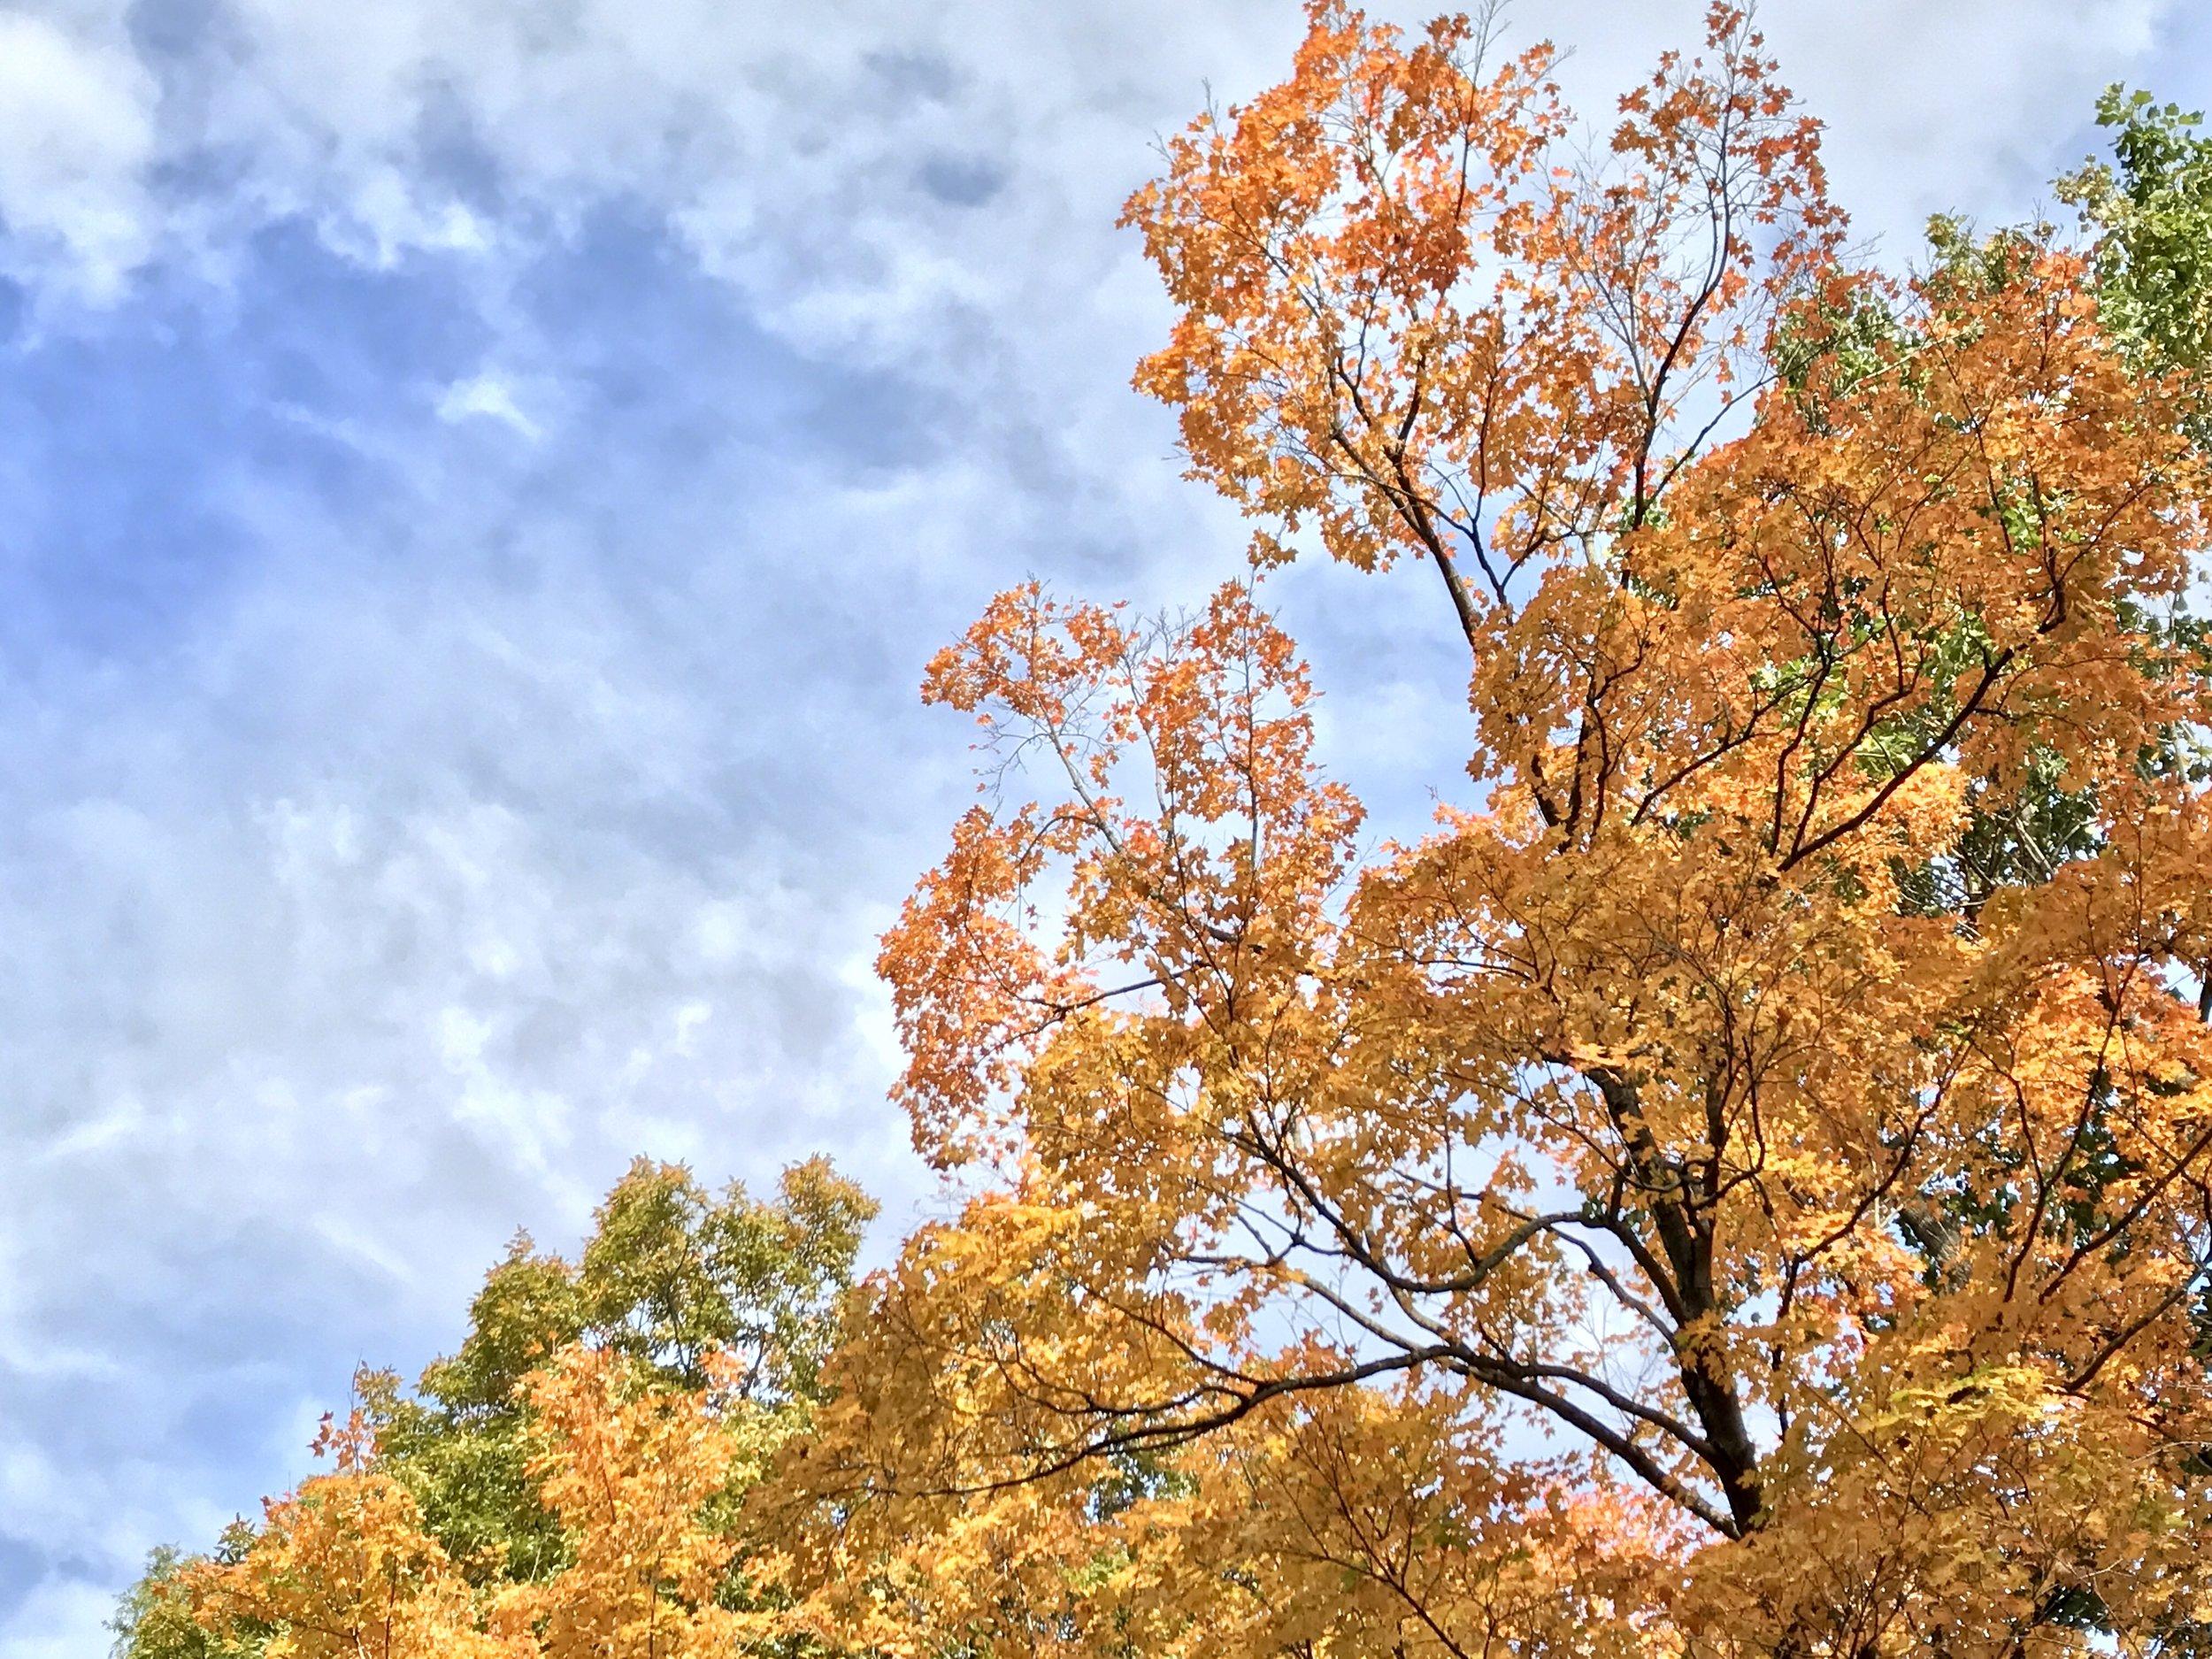 Fall in Washington, DC